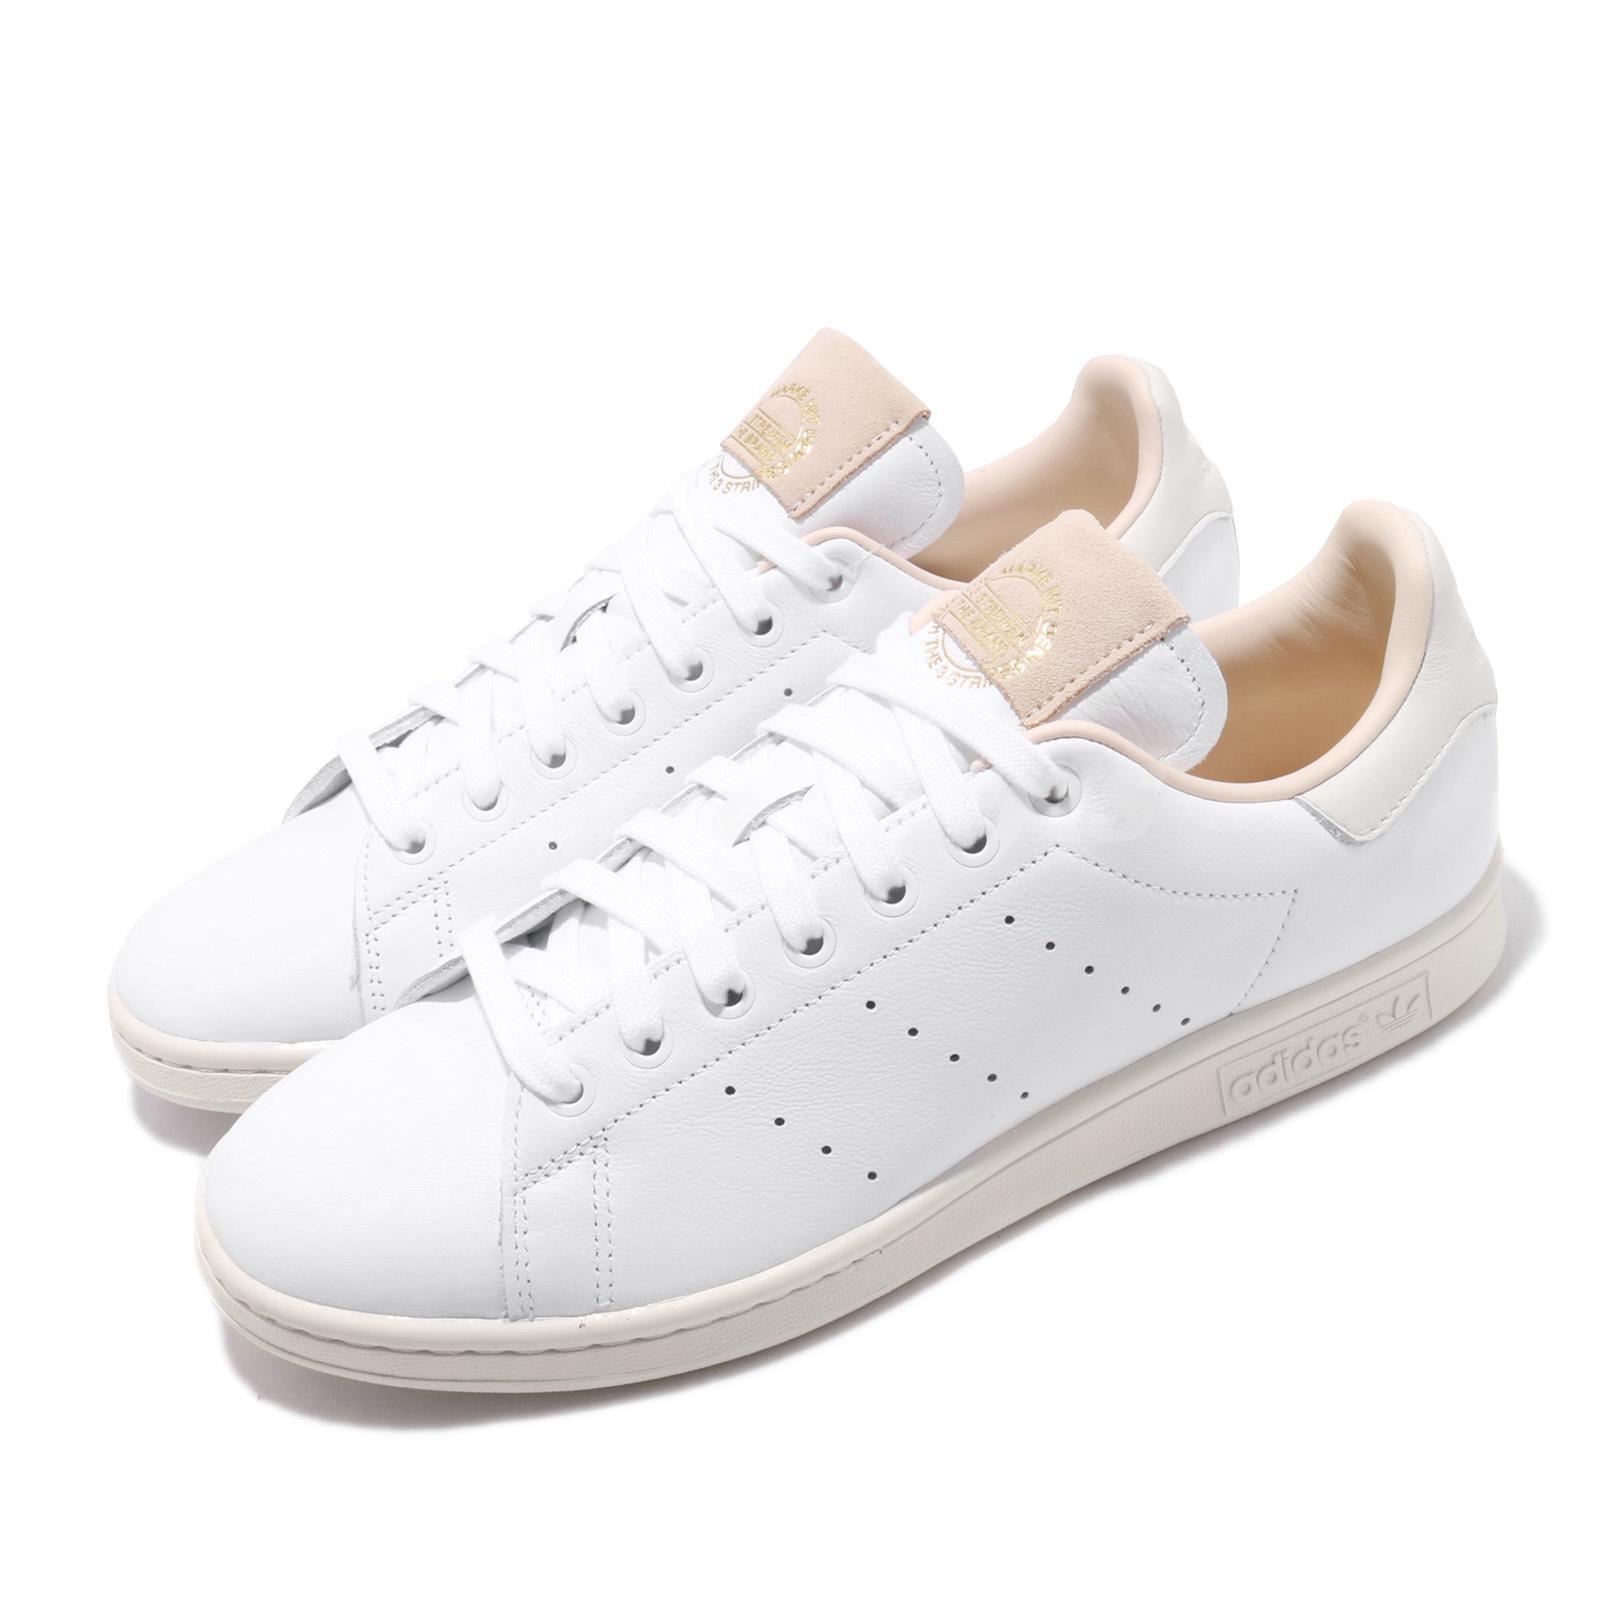 adidas chaussure beige